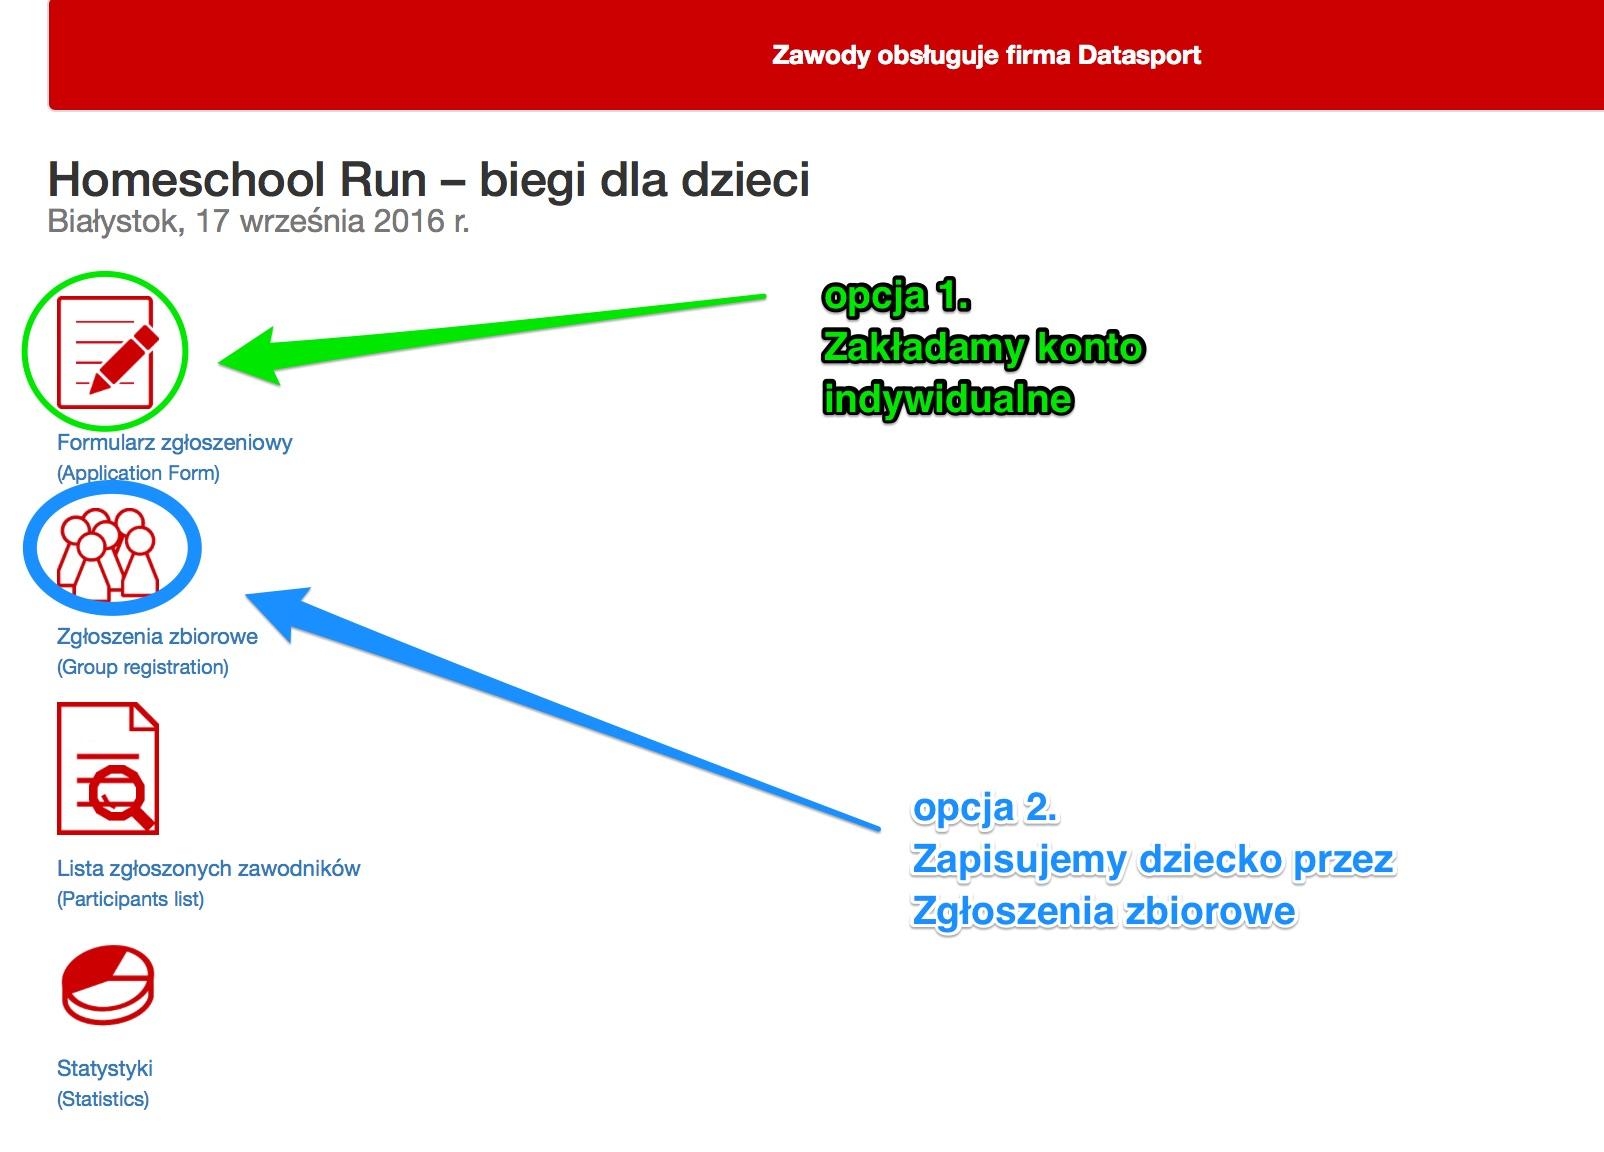 Zapisy_internetowe_na_Homeschool_Run_–_biegi_dla_dzieci_-_Datasport_pl